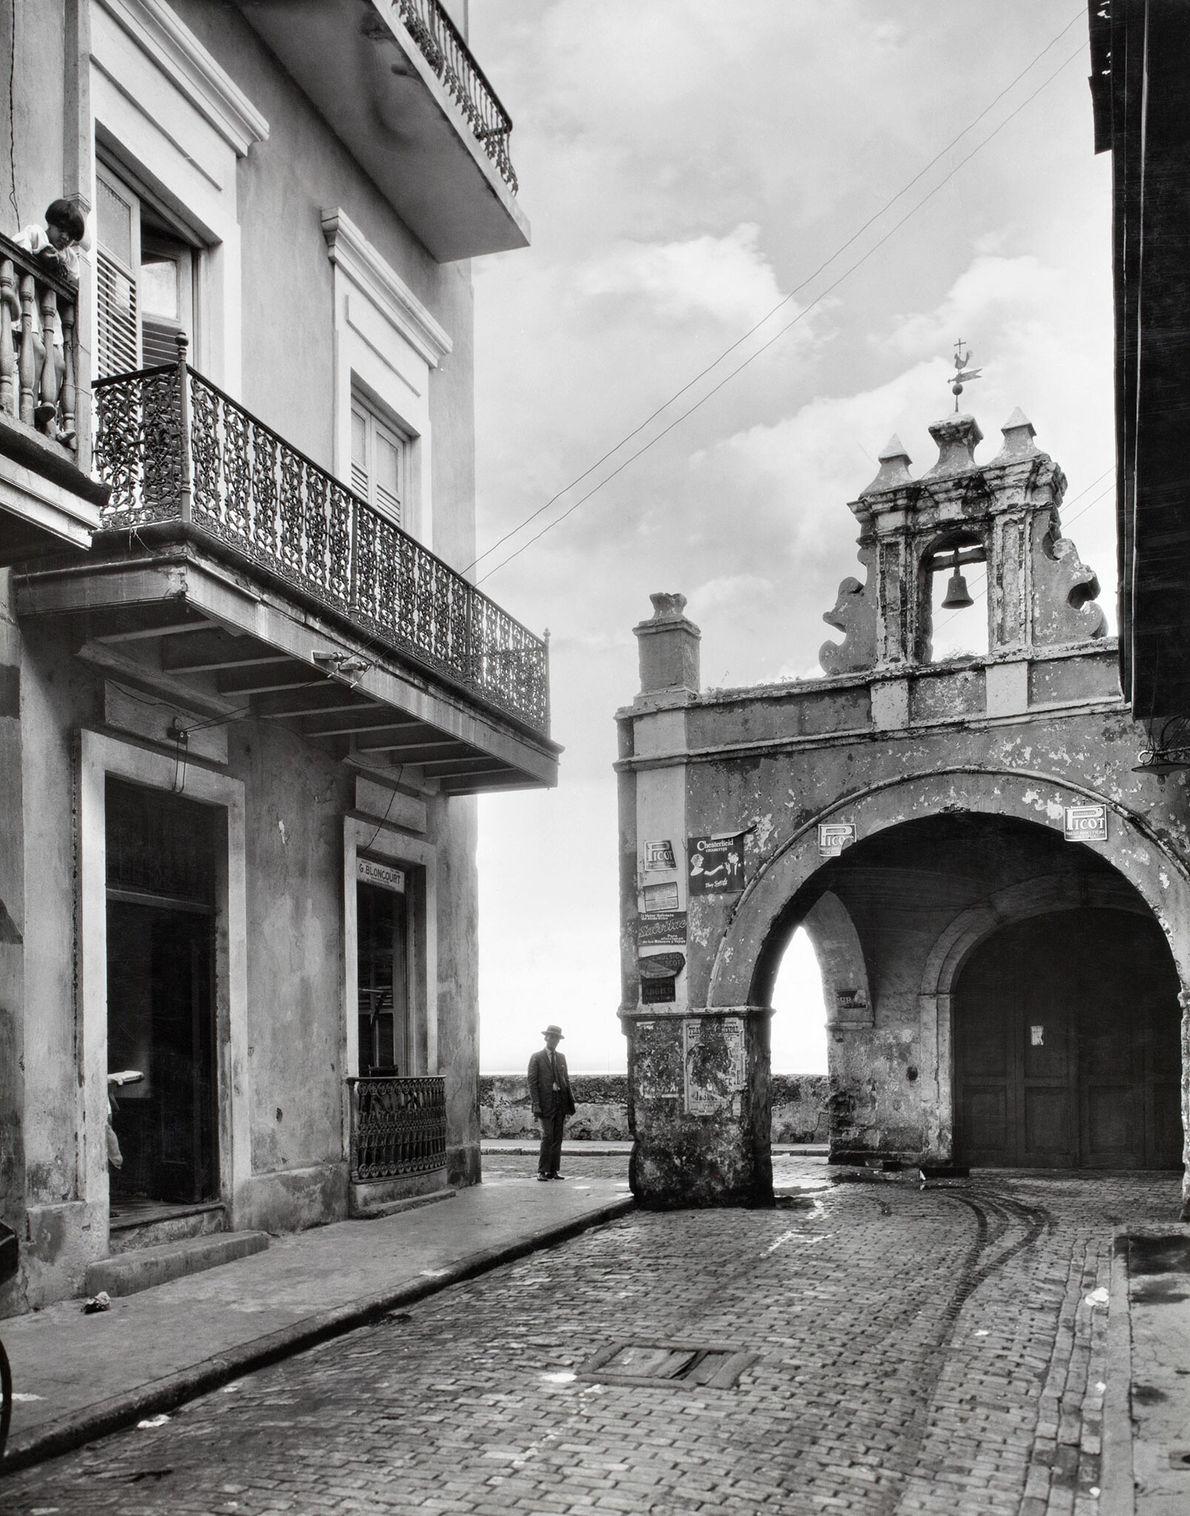 Alte spanische Architektur ist in ganz San Juan zu sehen. Hier steht eine jahrhundertealte Kirche am ...